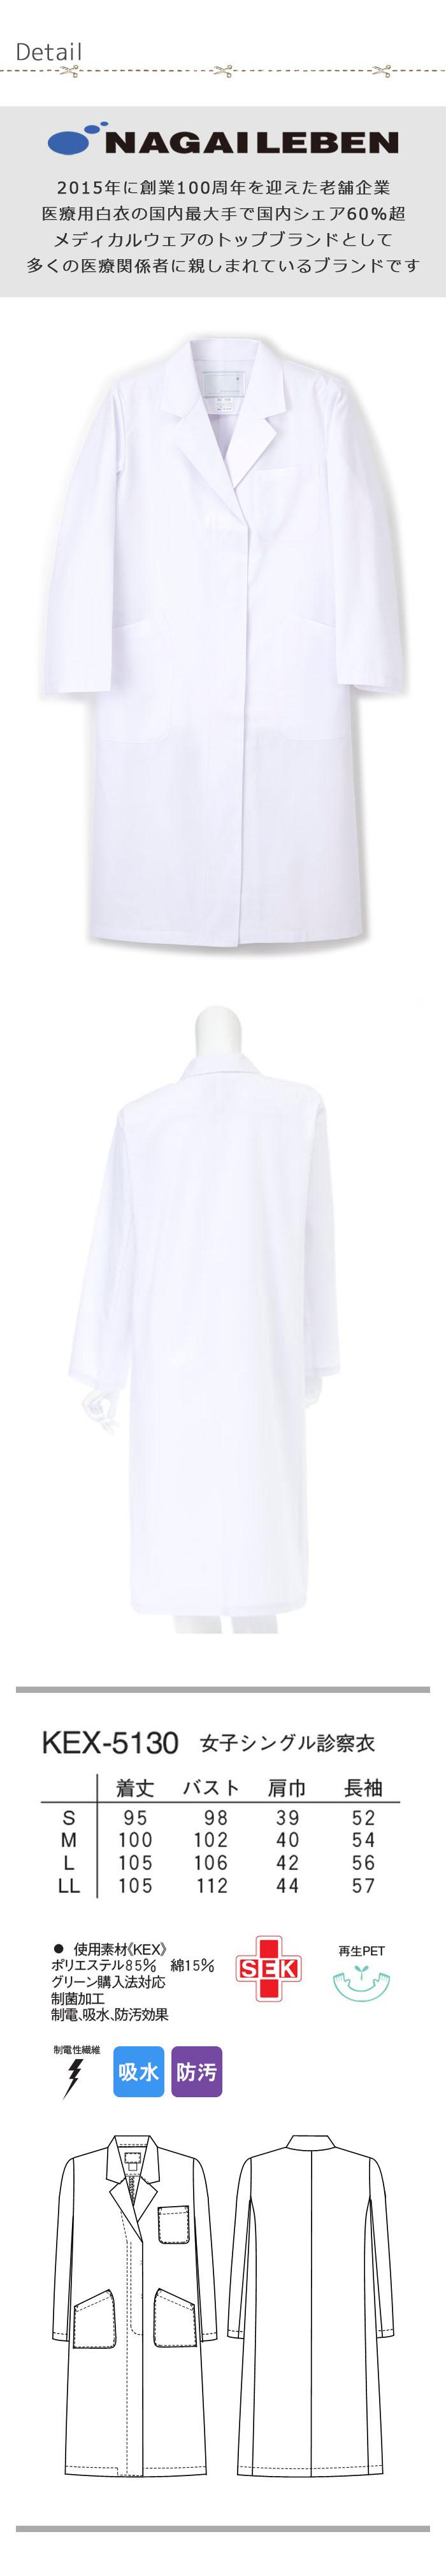 【エステ・歯科・病院ユニフォーム】 ドラマ「ドクターX」で採用された シングル診察衣【3色】女性用